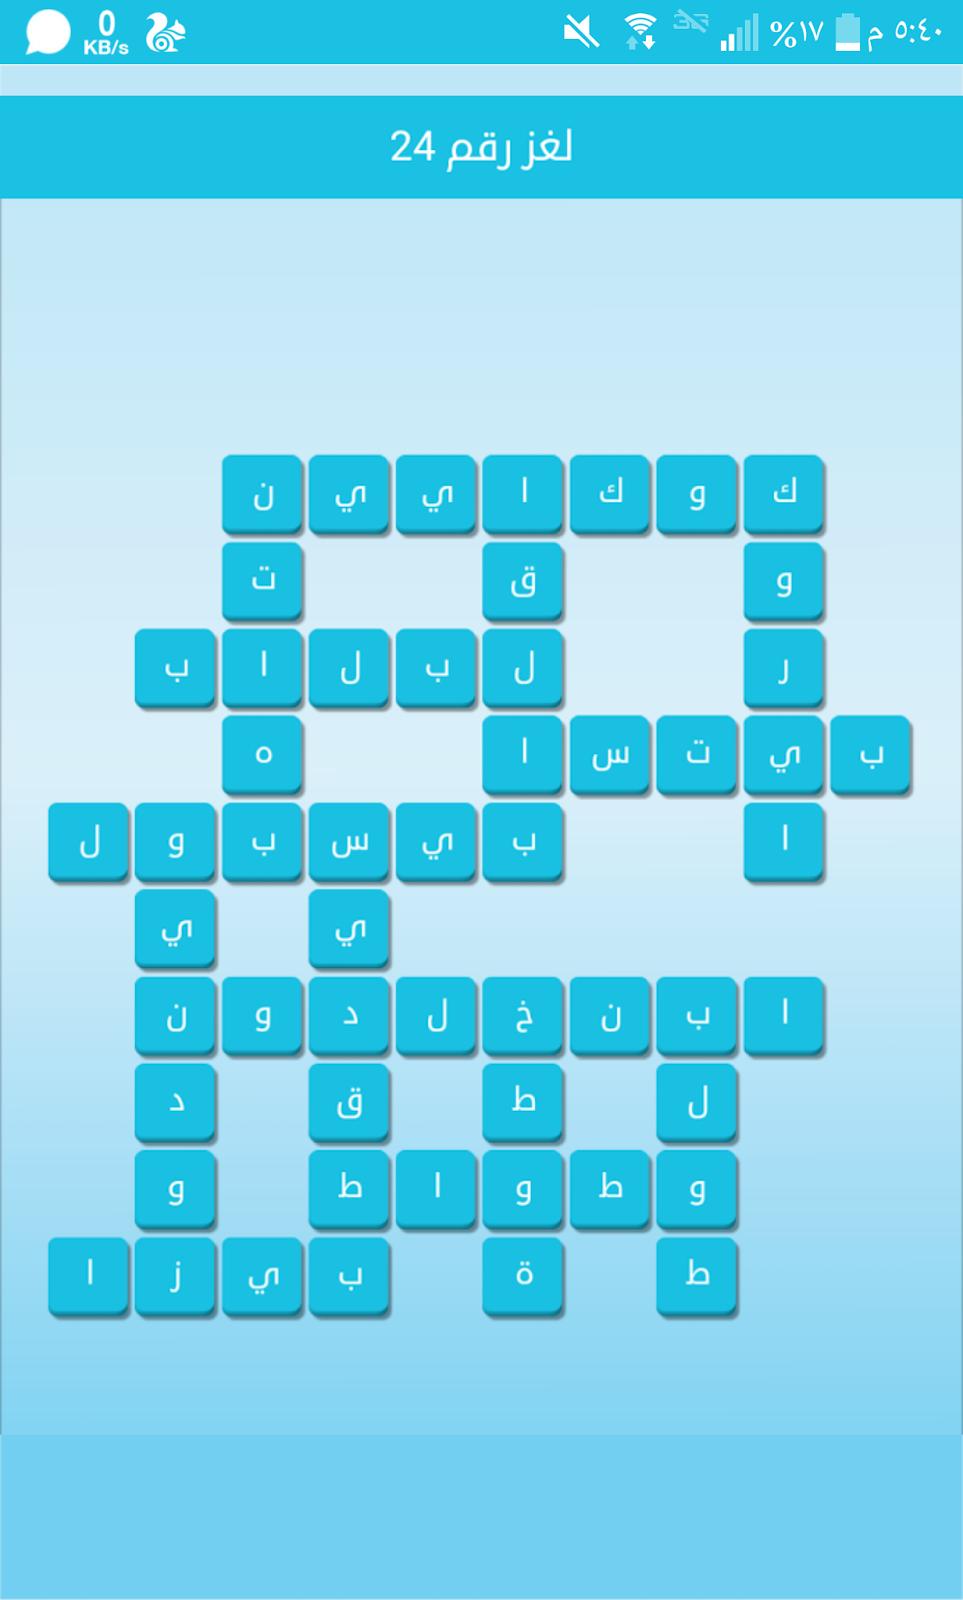 008f215d حل لعبة كلمة السر 2 مرحلة 26 فيسبوك مسلك الحلول